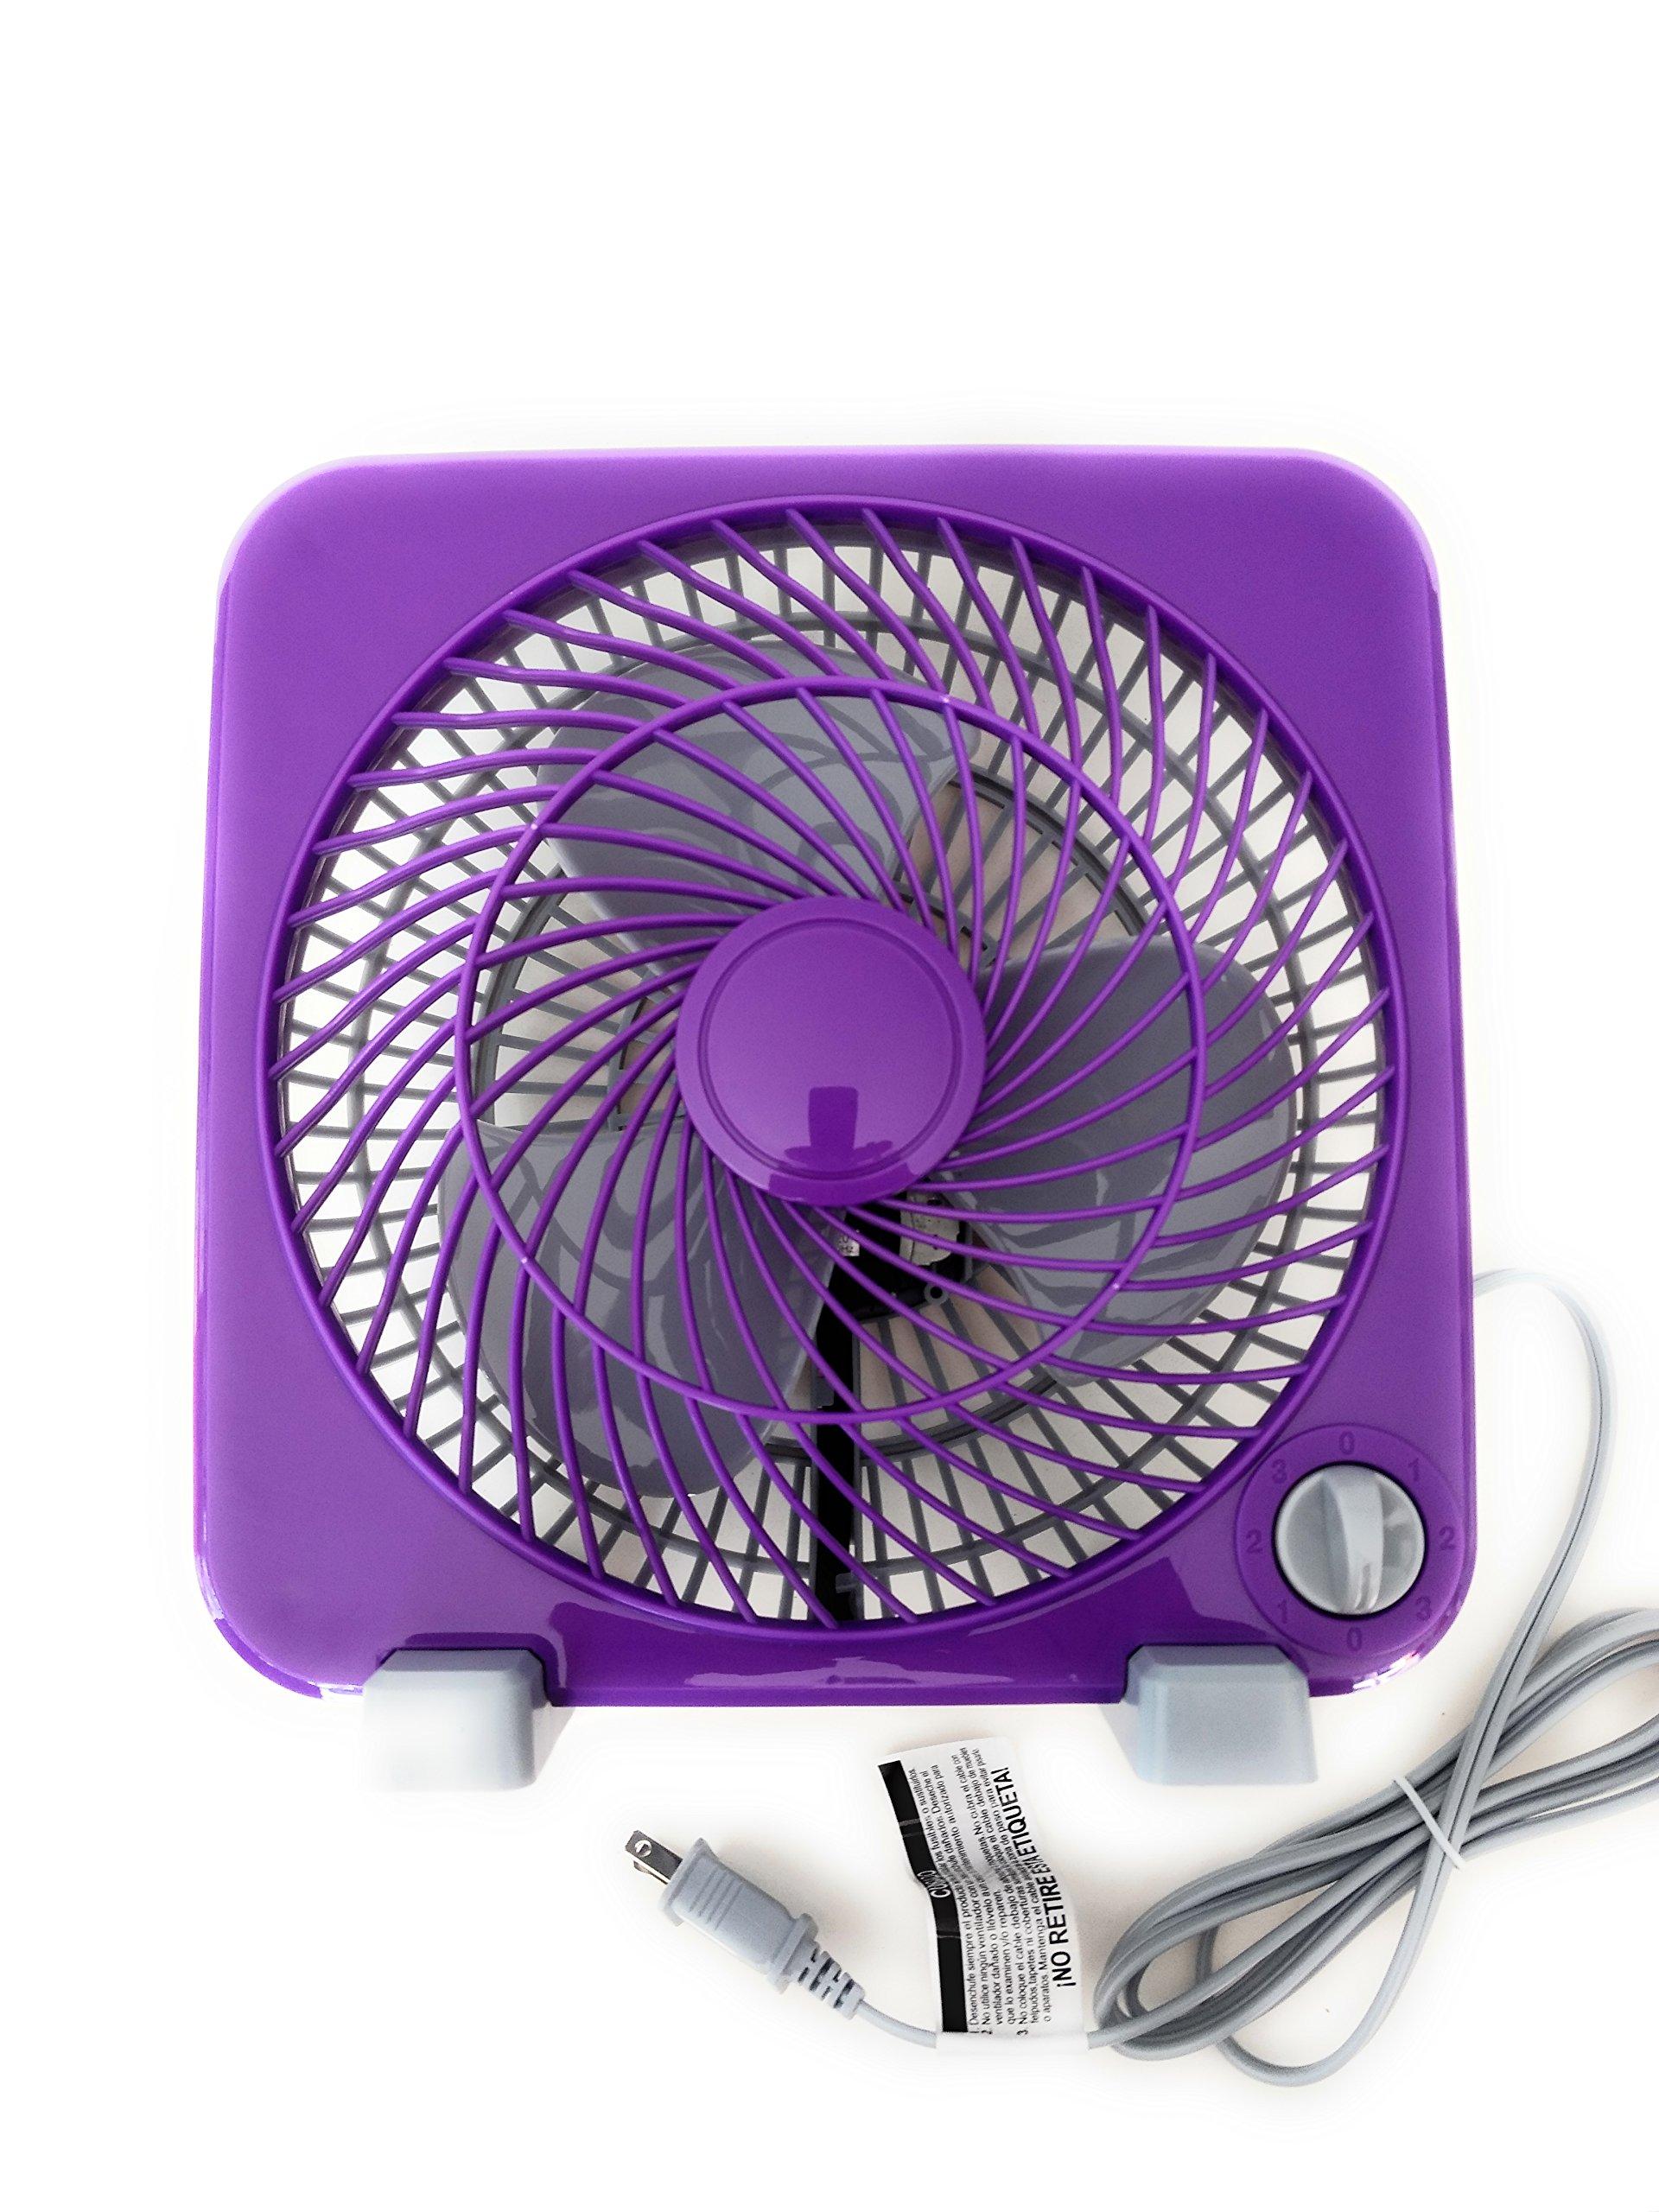 Mainstays 9-Inch Personal Fan Purple